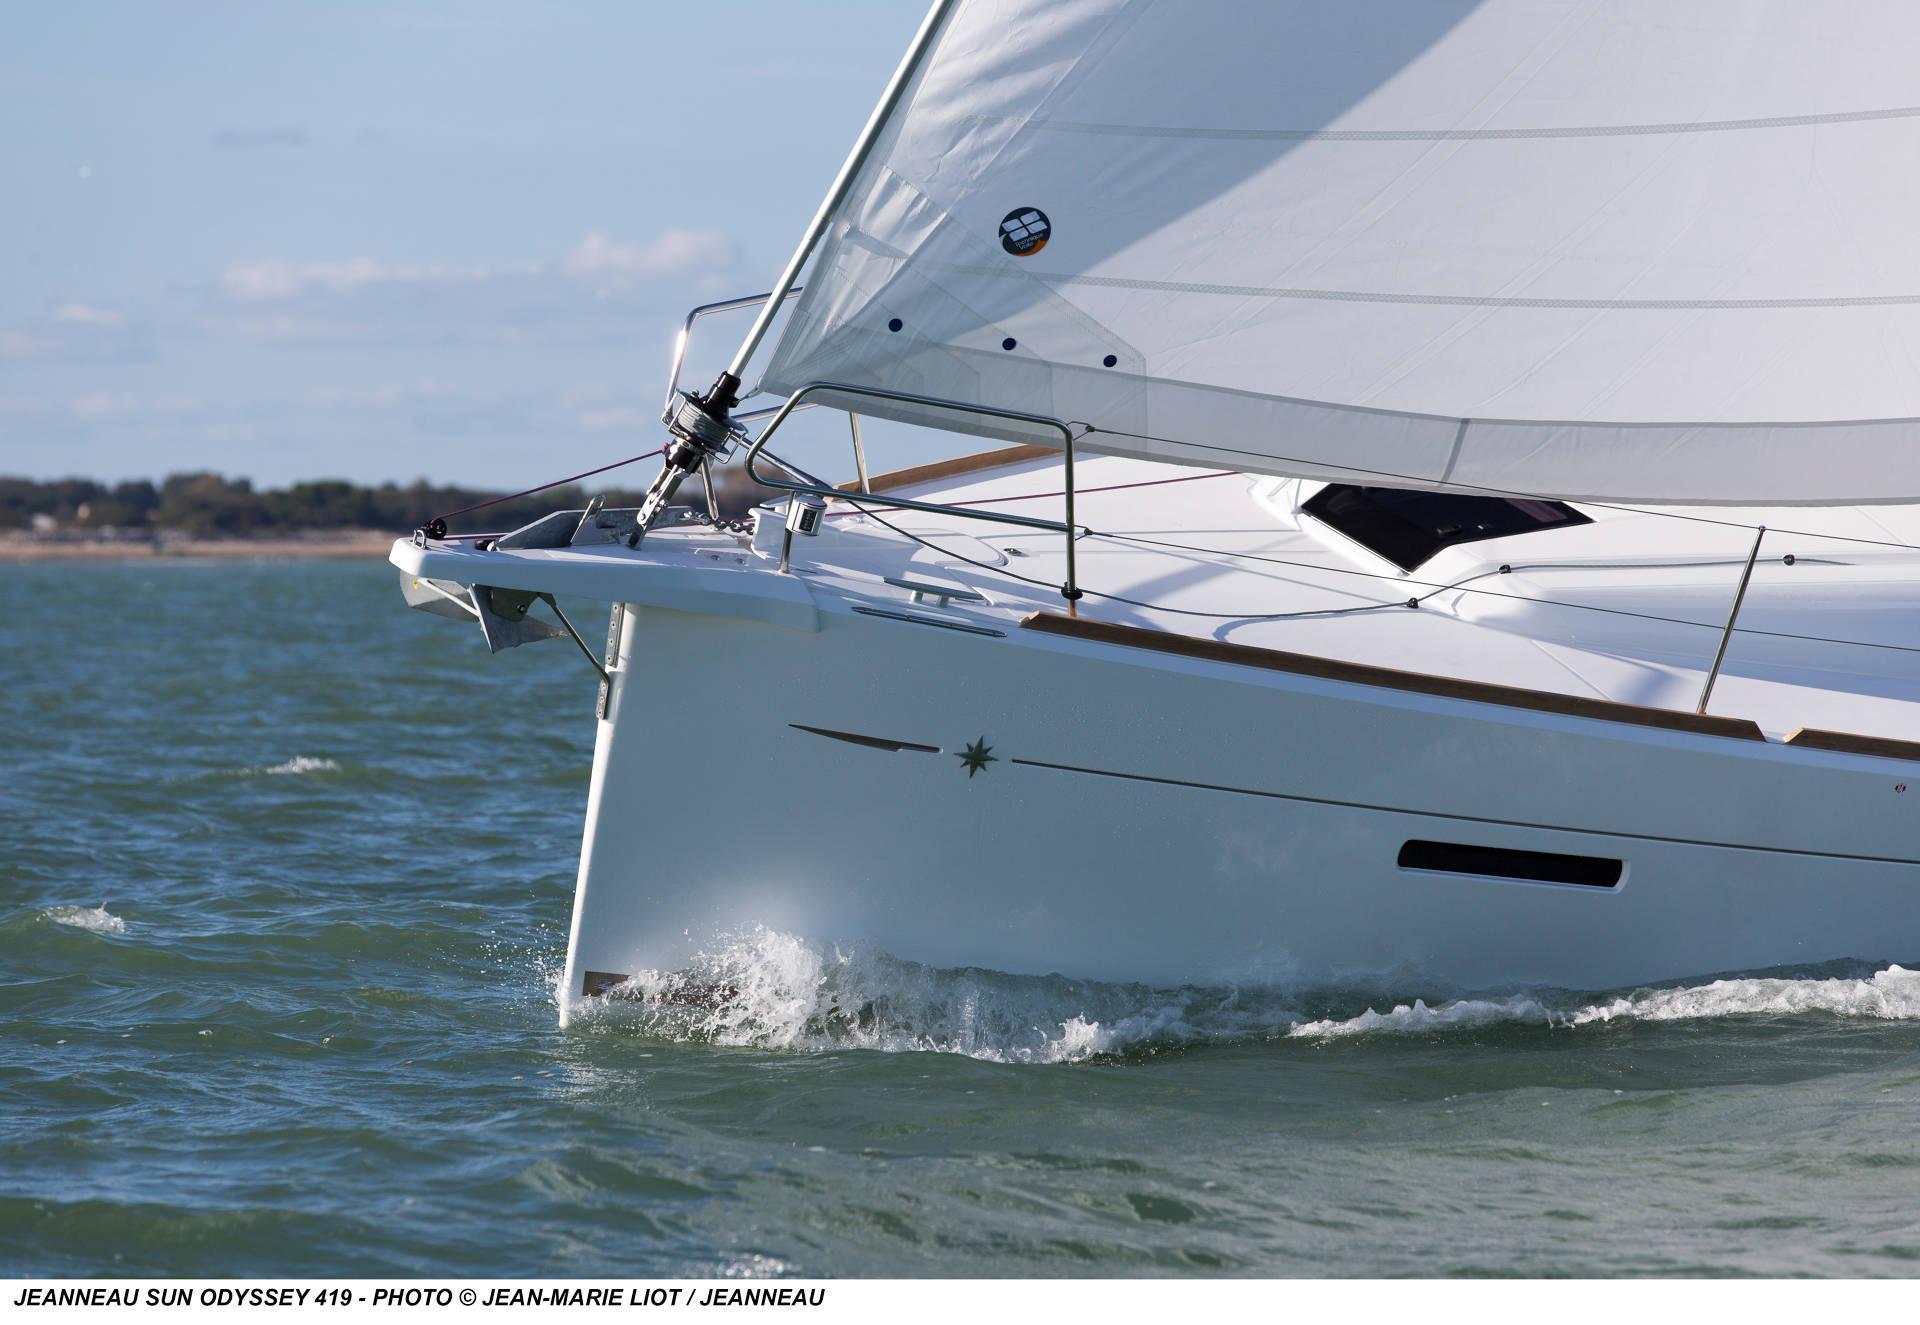 Sun Odyssey 419 | Jeanneau Boats on